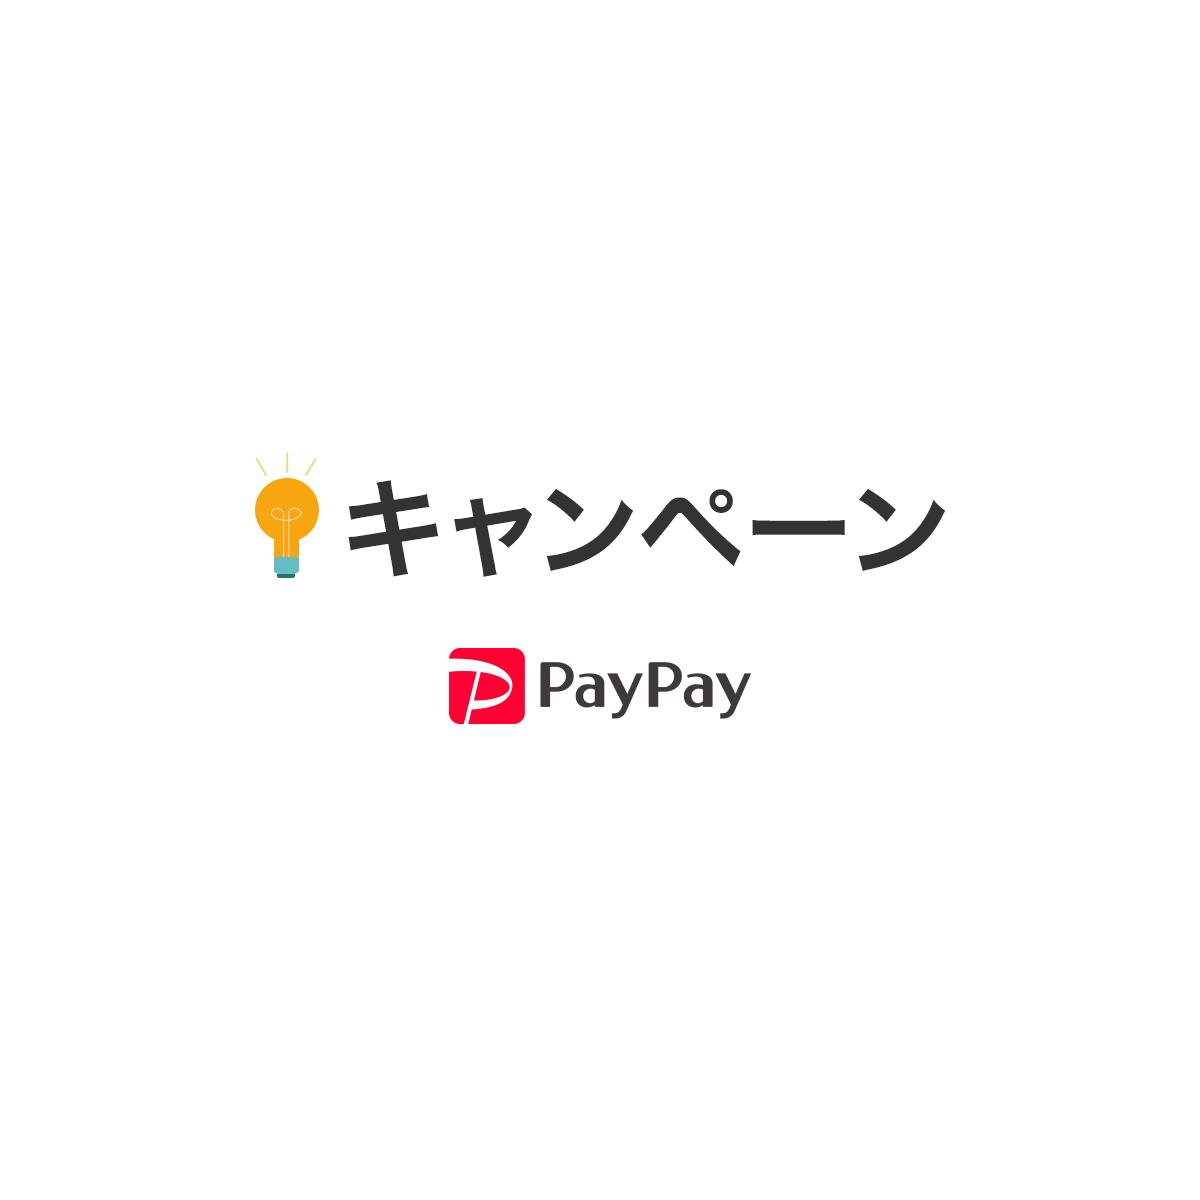 キャンペーン - PayPay